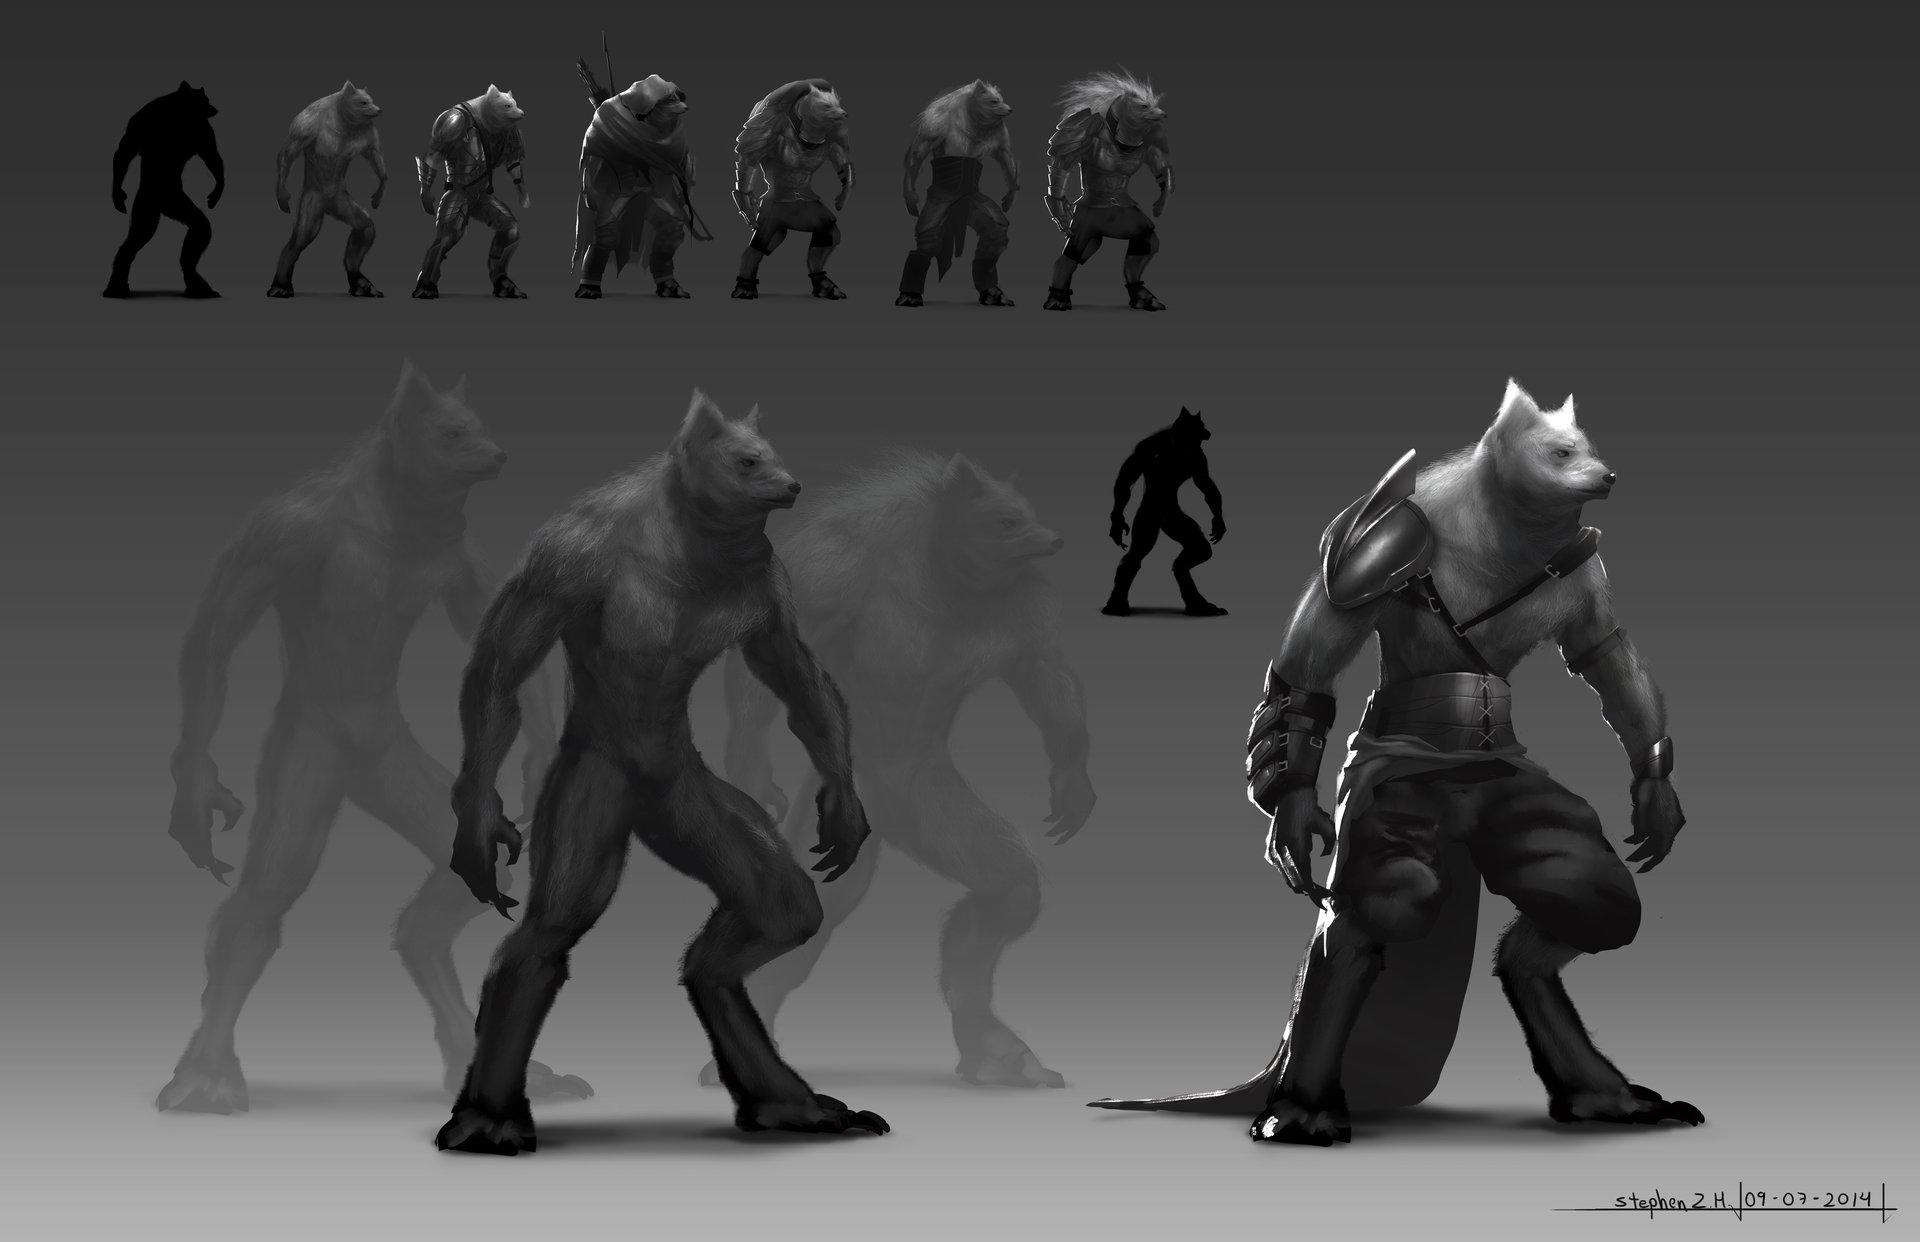 Stephen zavala warewolf 2